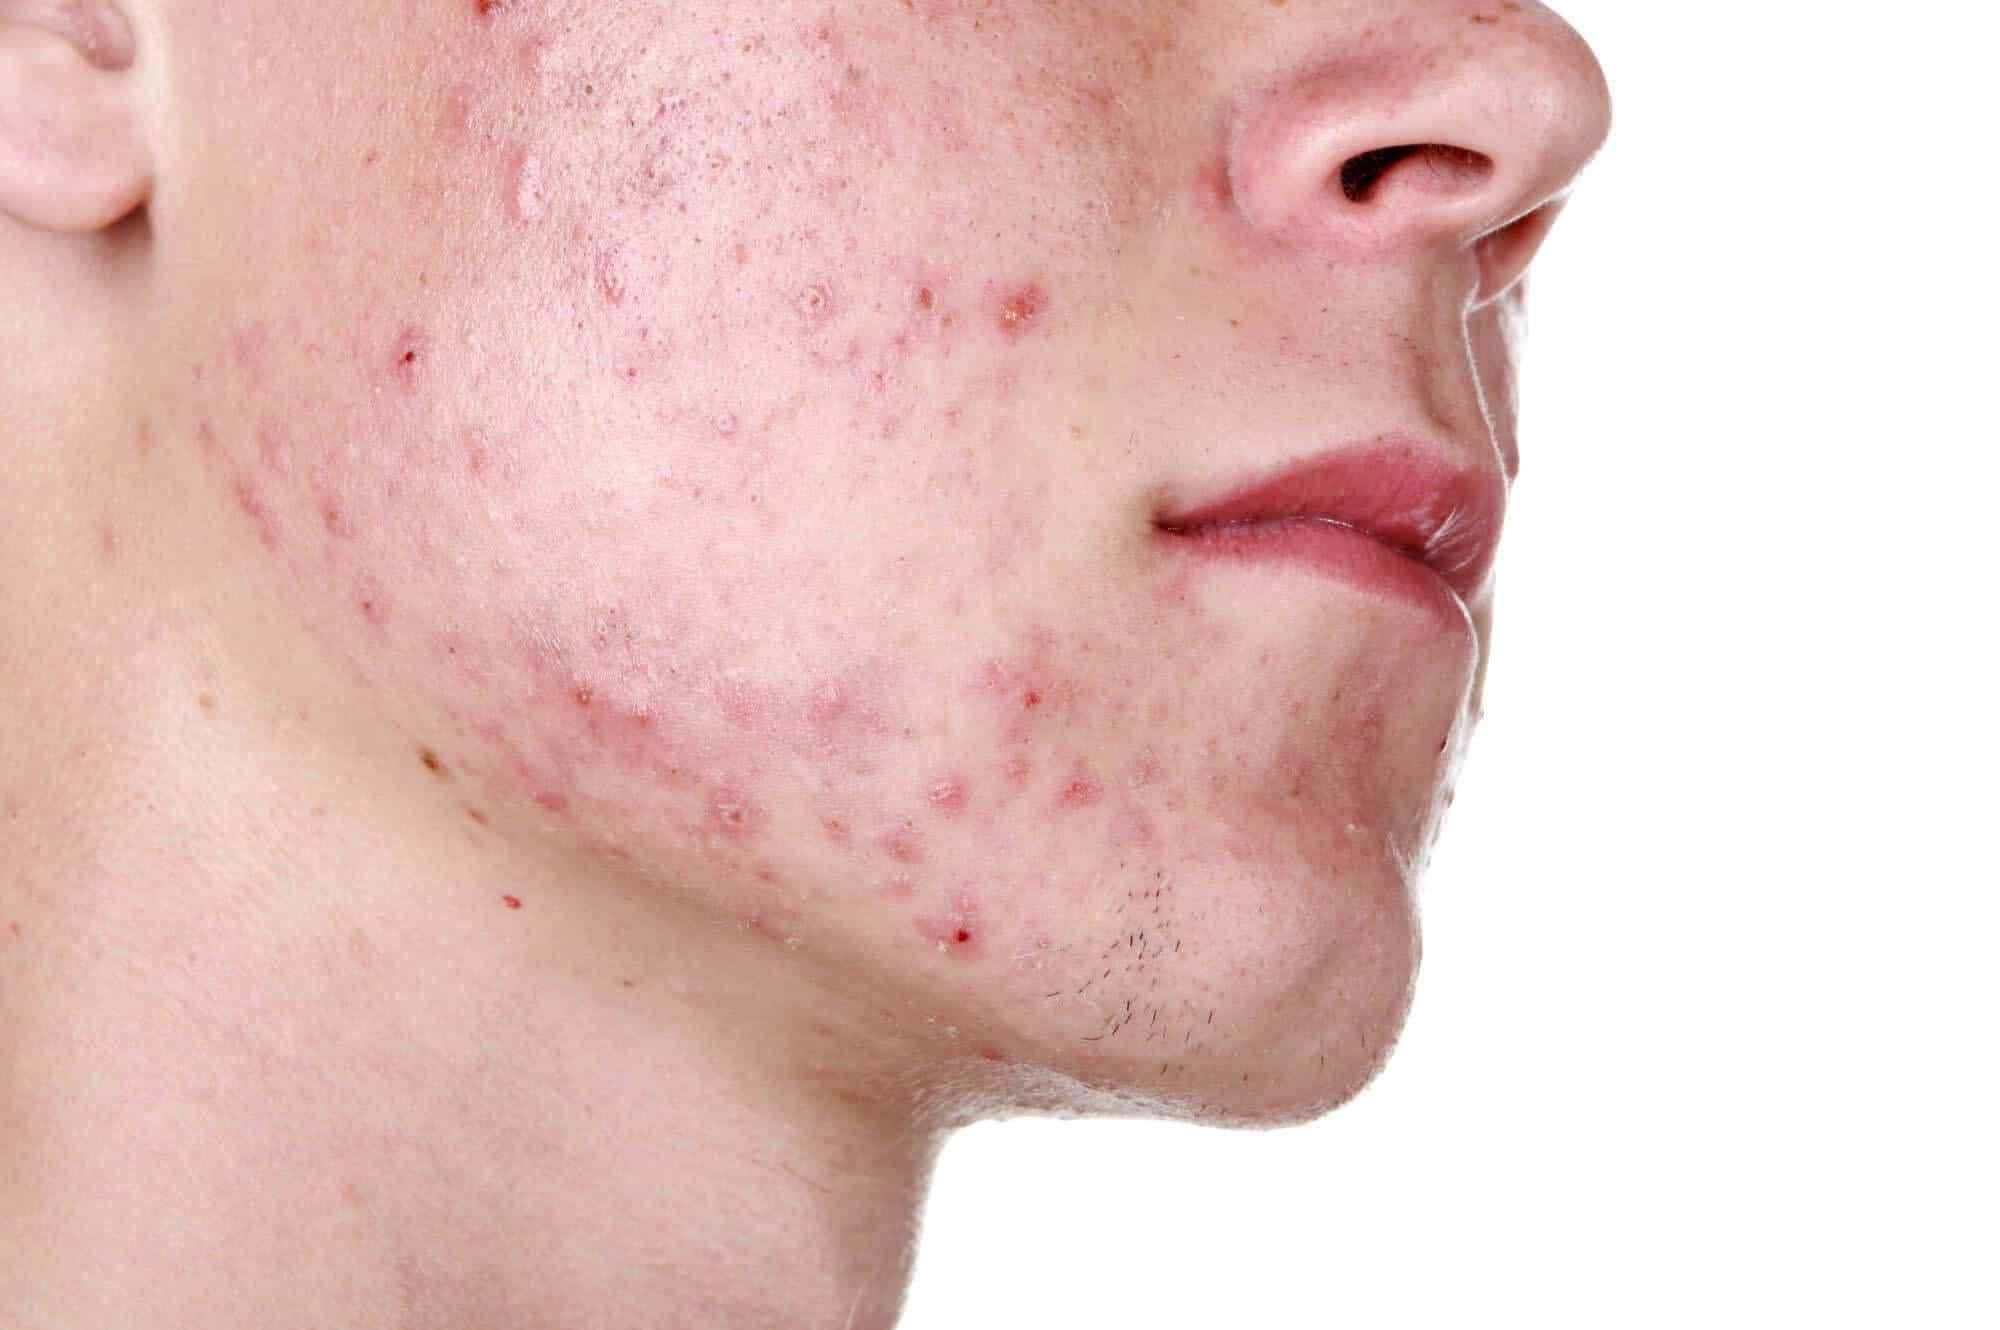 Τις περισσότερες φορές, τα πρώτα σπυράκια εμφανίζονται μεταξύ 11 και 15 ετών, ειδικά στο μέτωπο και στη μύτη.